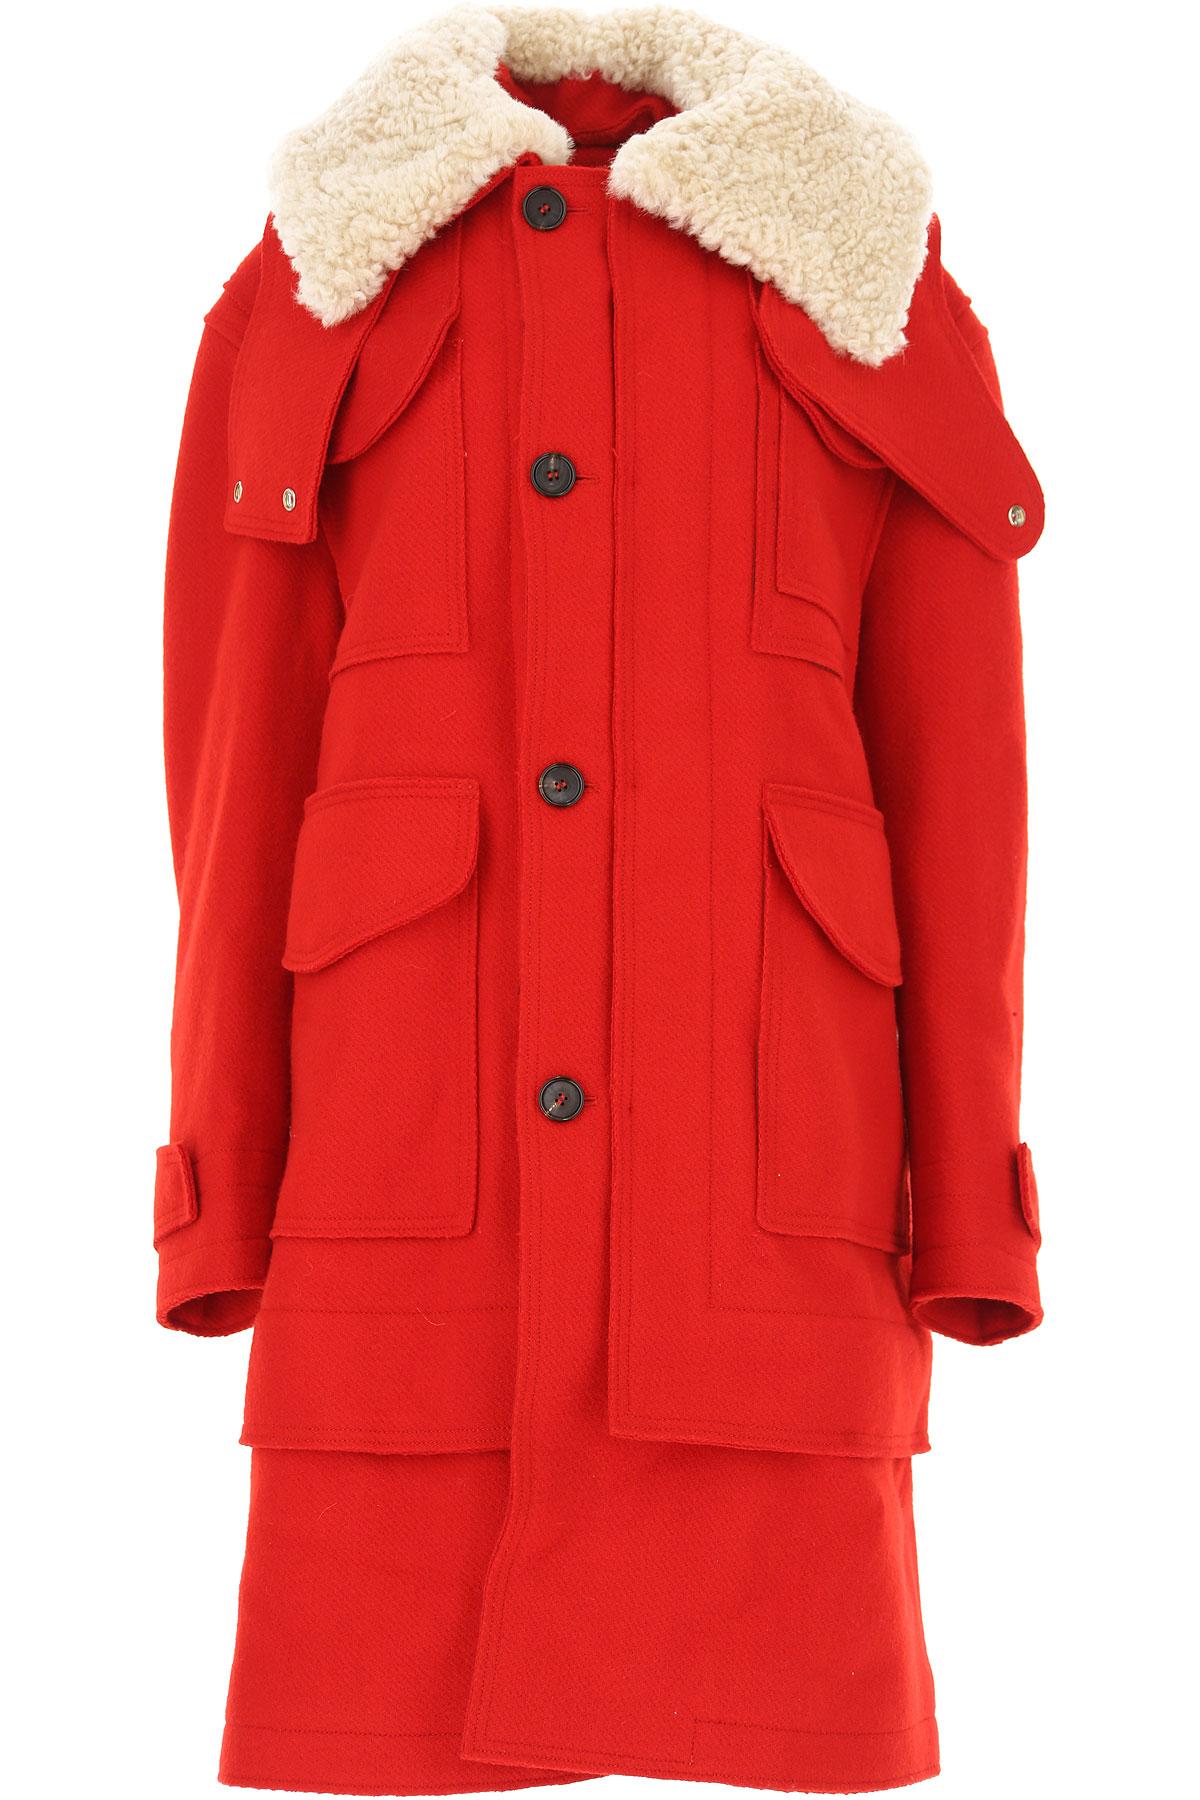 Image of Alexander McQueen Women\'s Coat, Red, Wool, 2017, 10 4 6 8